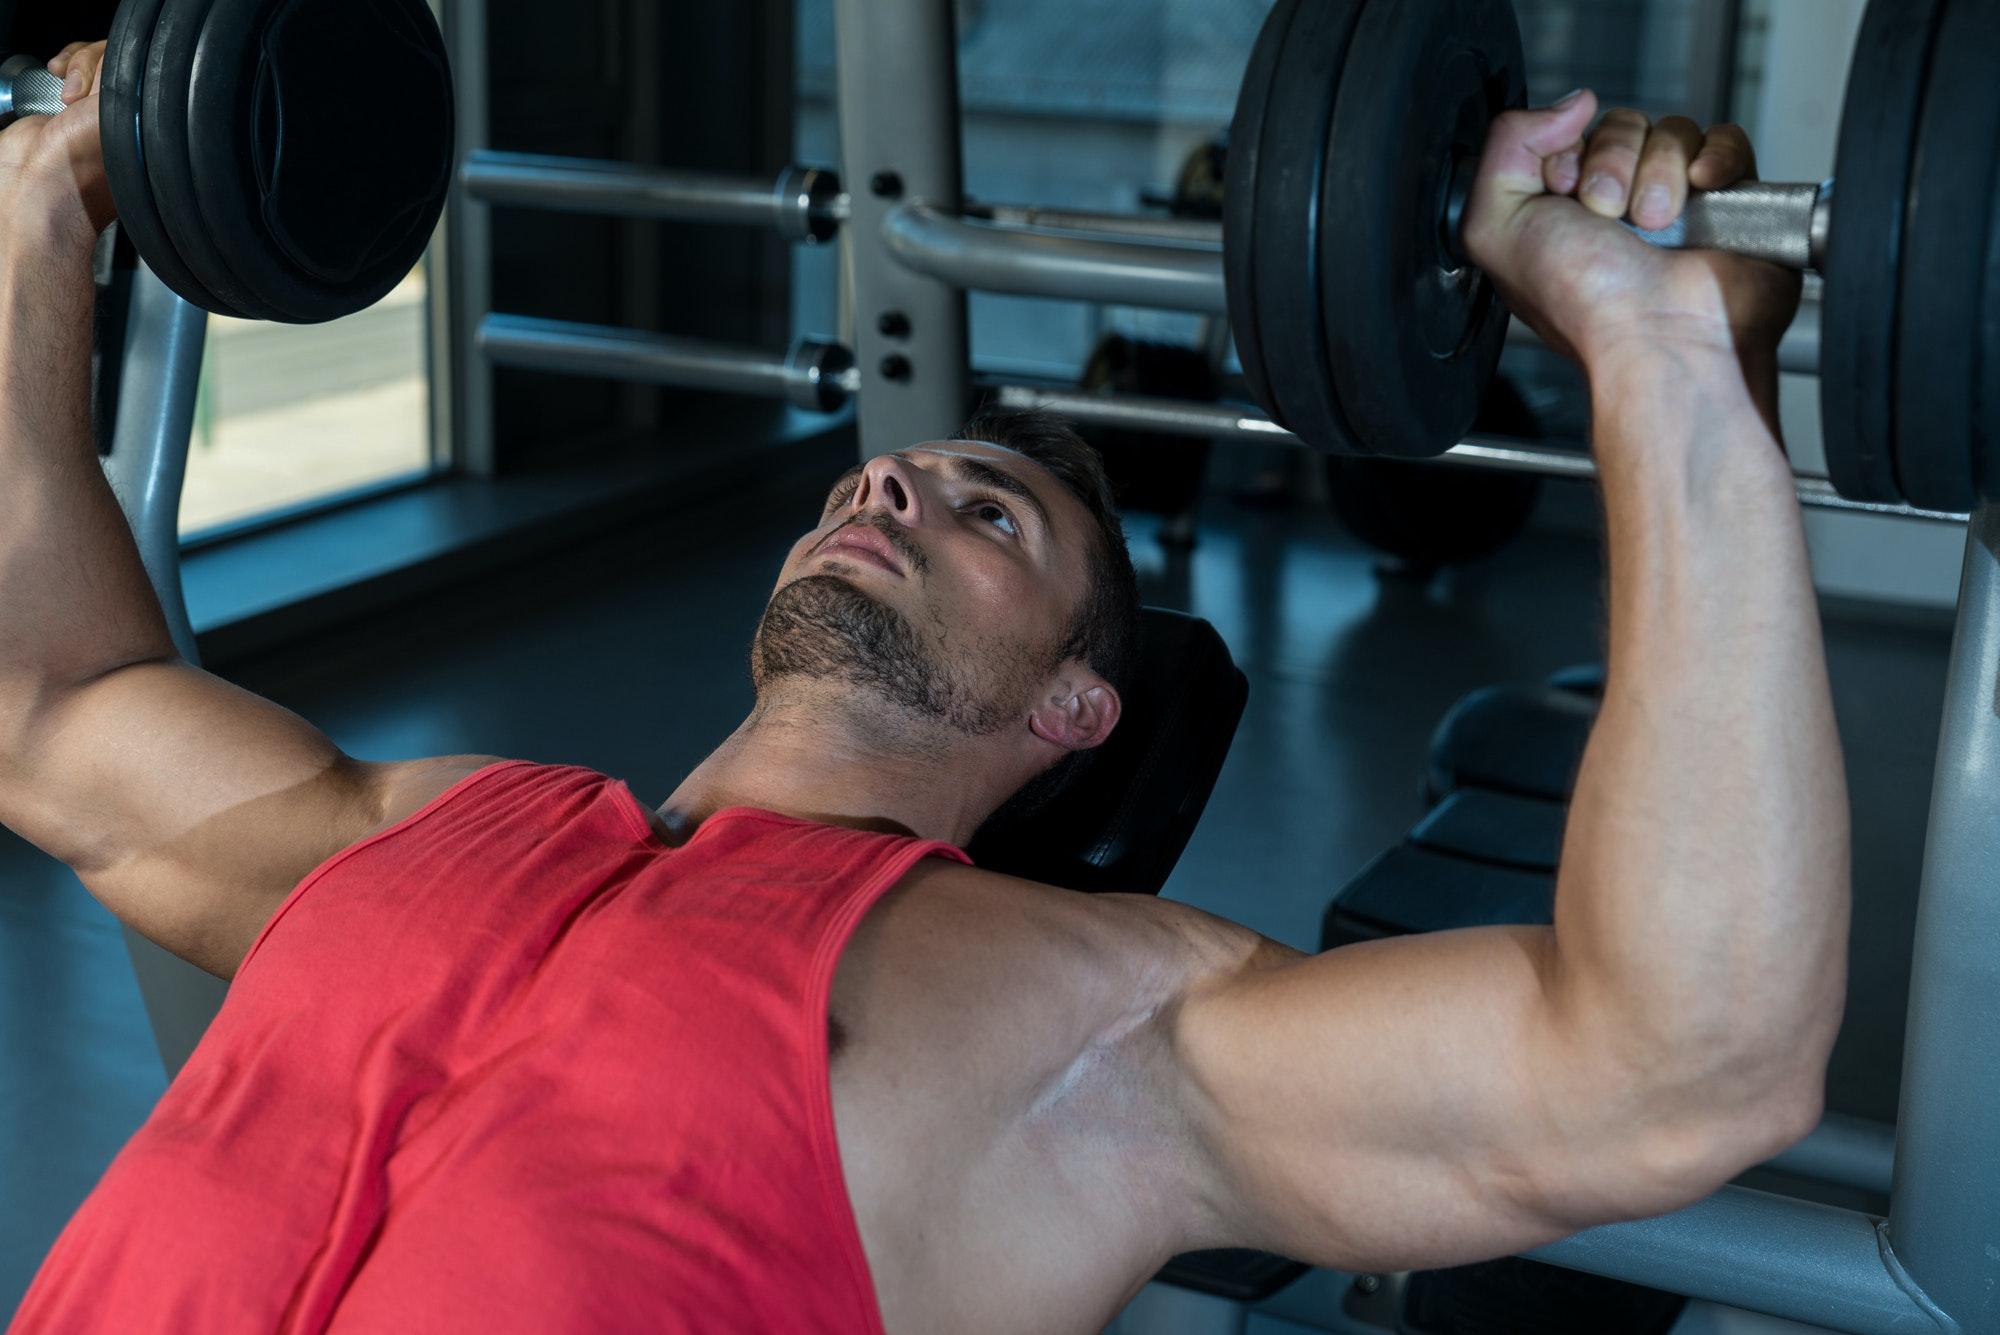 viktminskning träning gym